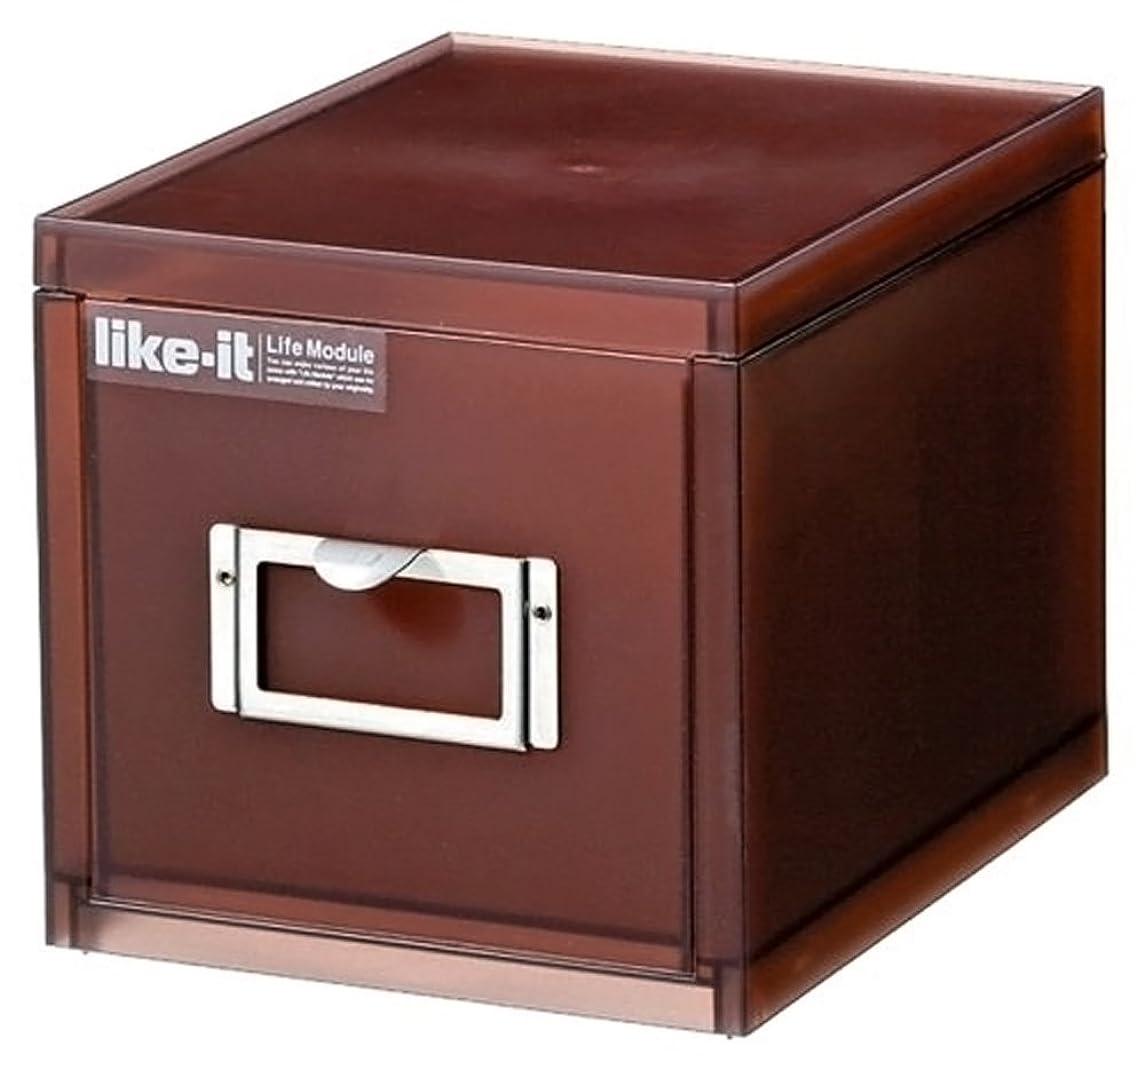 性差別オールクアッガlike-it 小物収納 A6 カードケース 深型 1段 ブラウン 幅14.5x奥20.1x高14.5cm LM-70